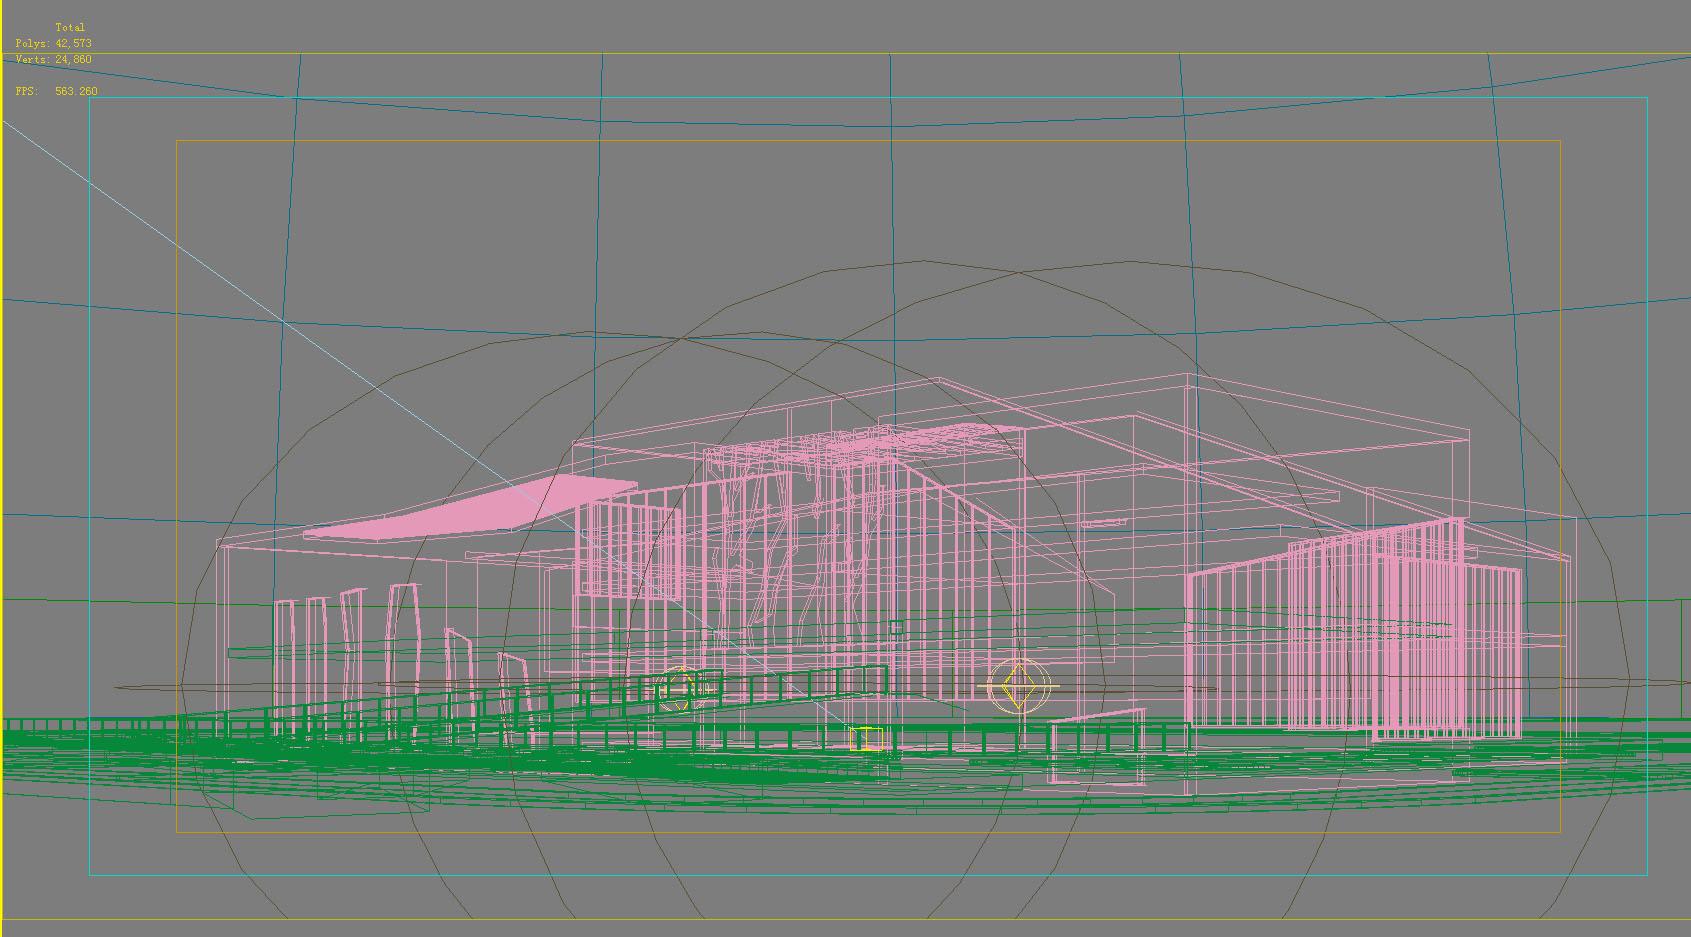 building 849 3d model max psd 123232